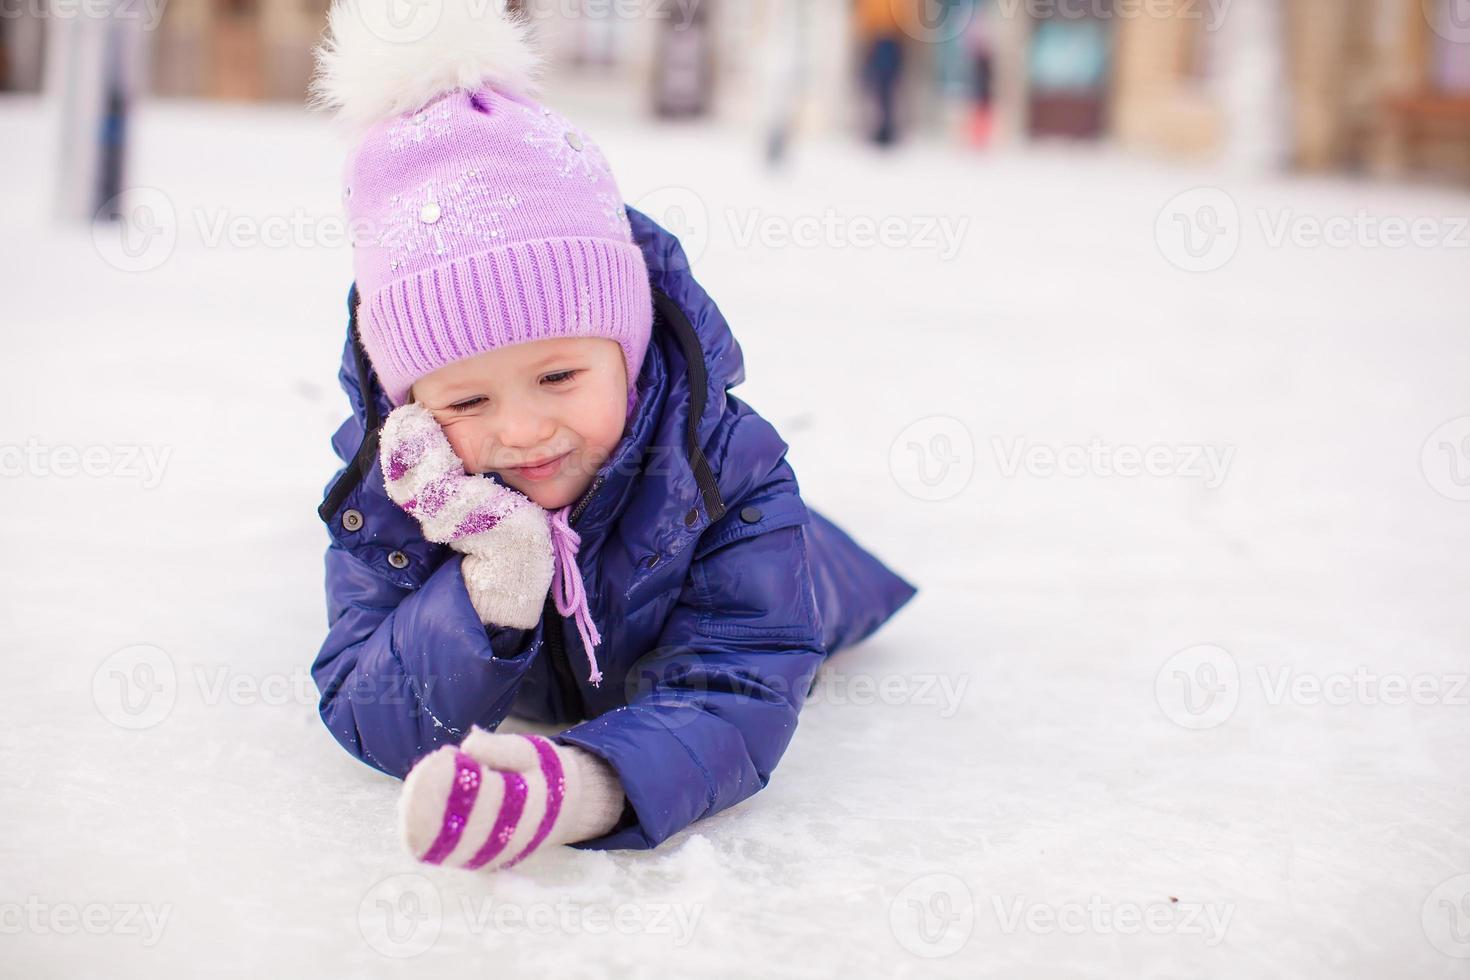 adorabile bambina posa sulla pista di pattinaggio dopo la caduta foto